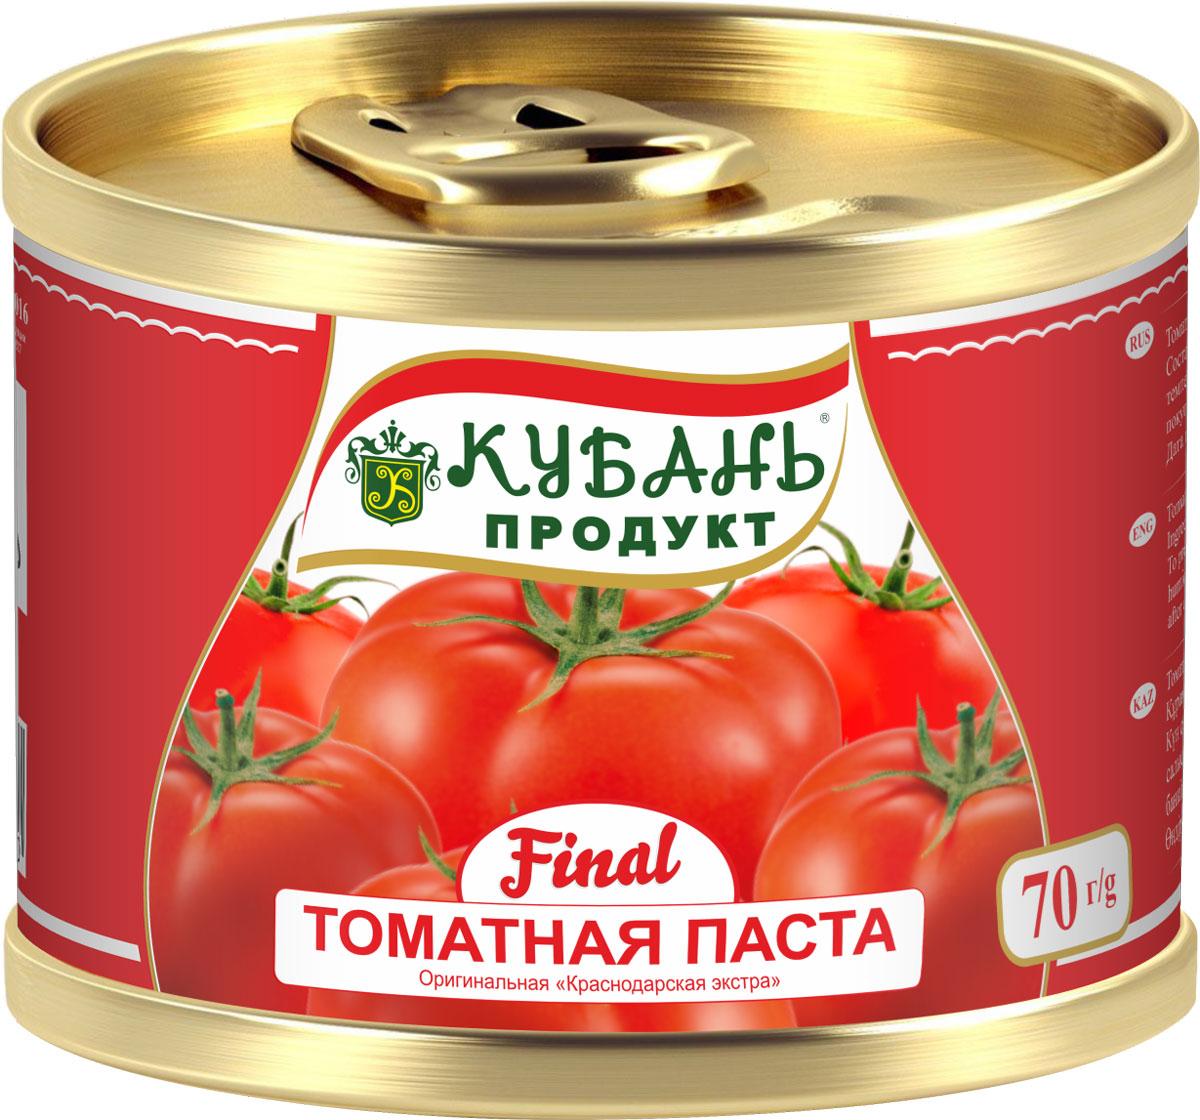 Кубань Продукт паста томатная, 70 г nutrifree biscotti con frutti rossi печенье вегетарианское с ягодами 250 г